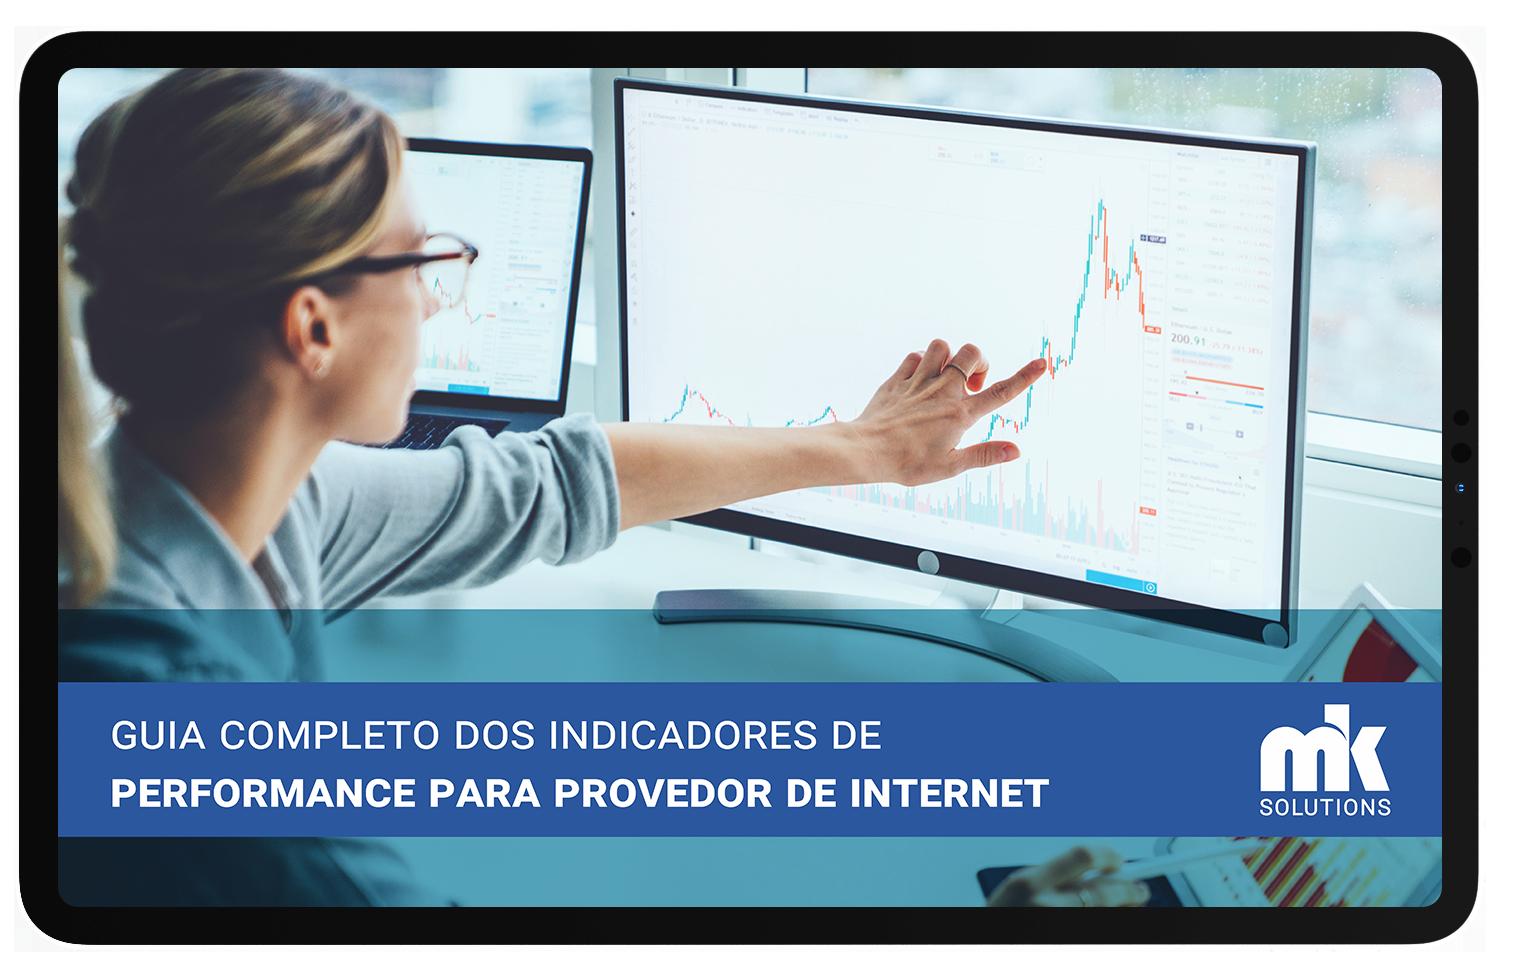 Guia dos indicadores de performance para provedores de internet